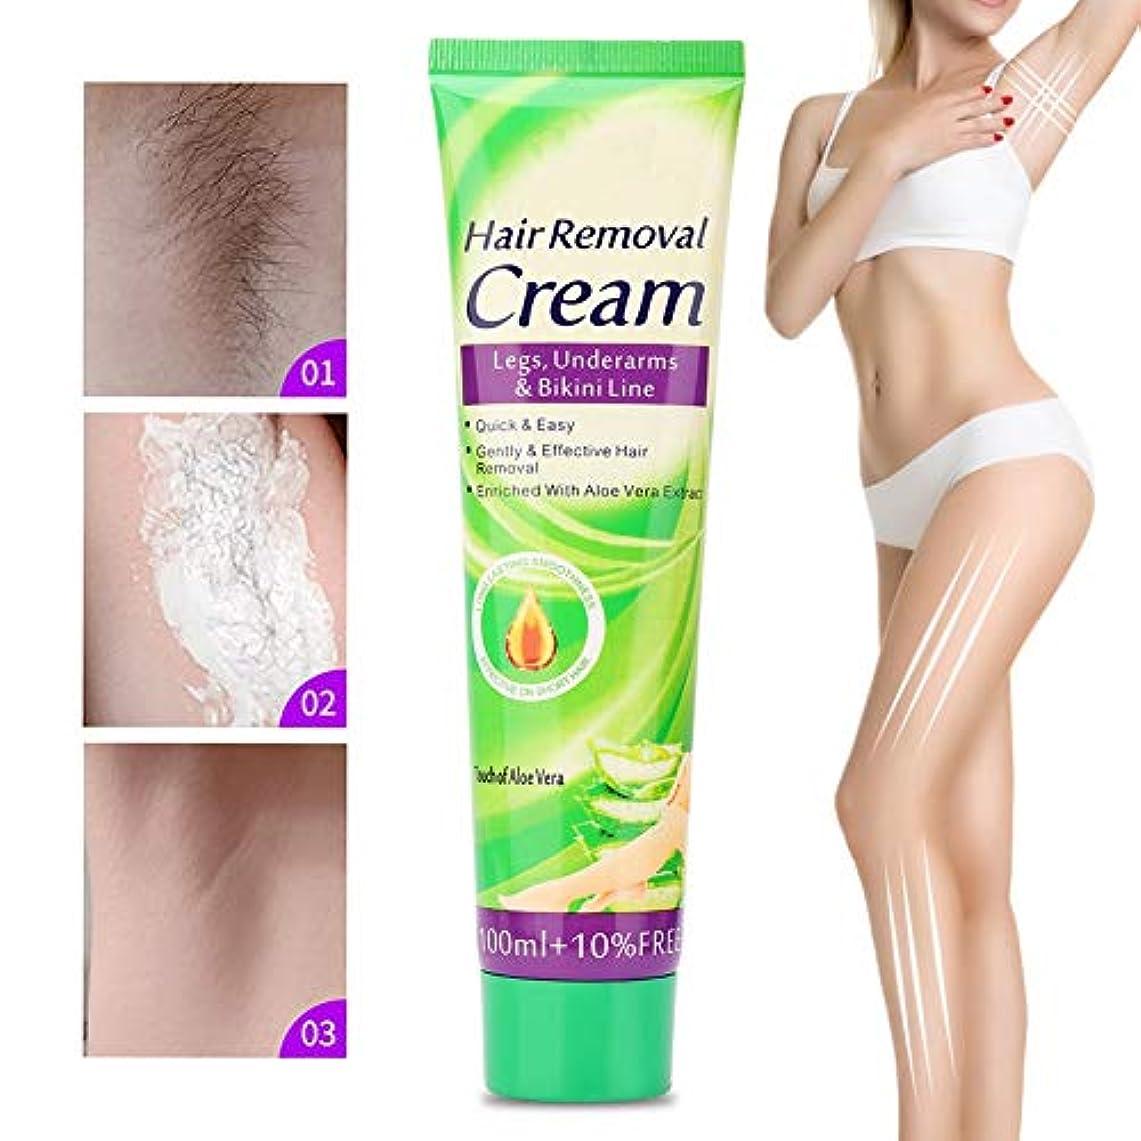 はねかける密接に困惑した110ml脱毛クリーム、痛みのない安全でプレミアムソフトな脱毛クリーム男性と女性が脚の腕の下で使用するのに便利